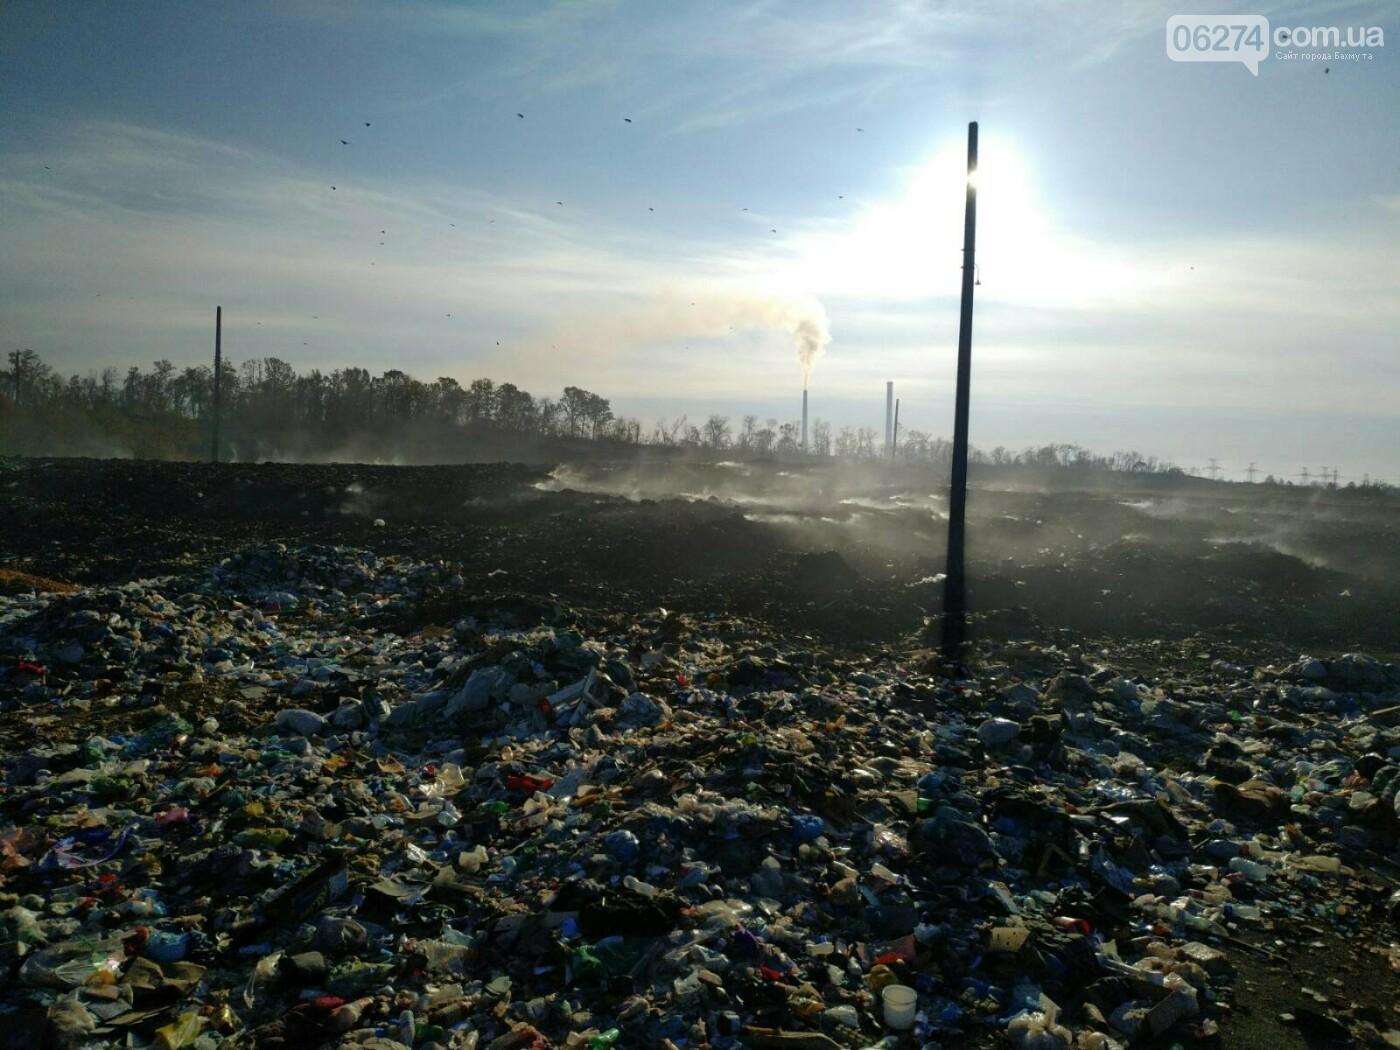 В Бахмутском районе продолжается ликвидация пожара на санкционированной свалке, фото-2